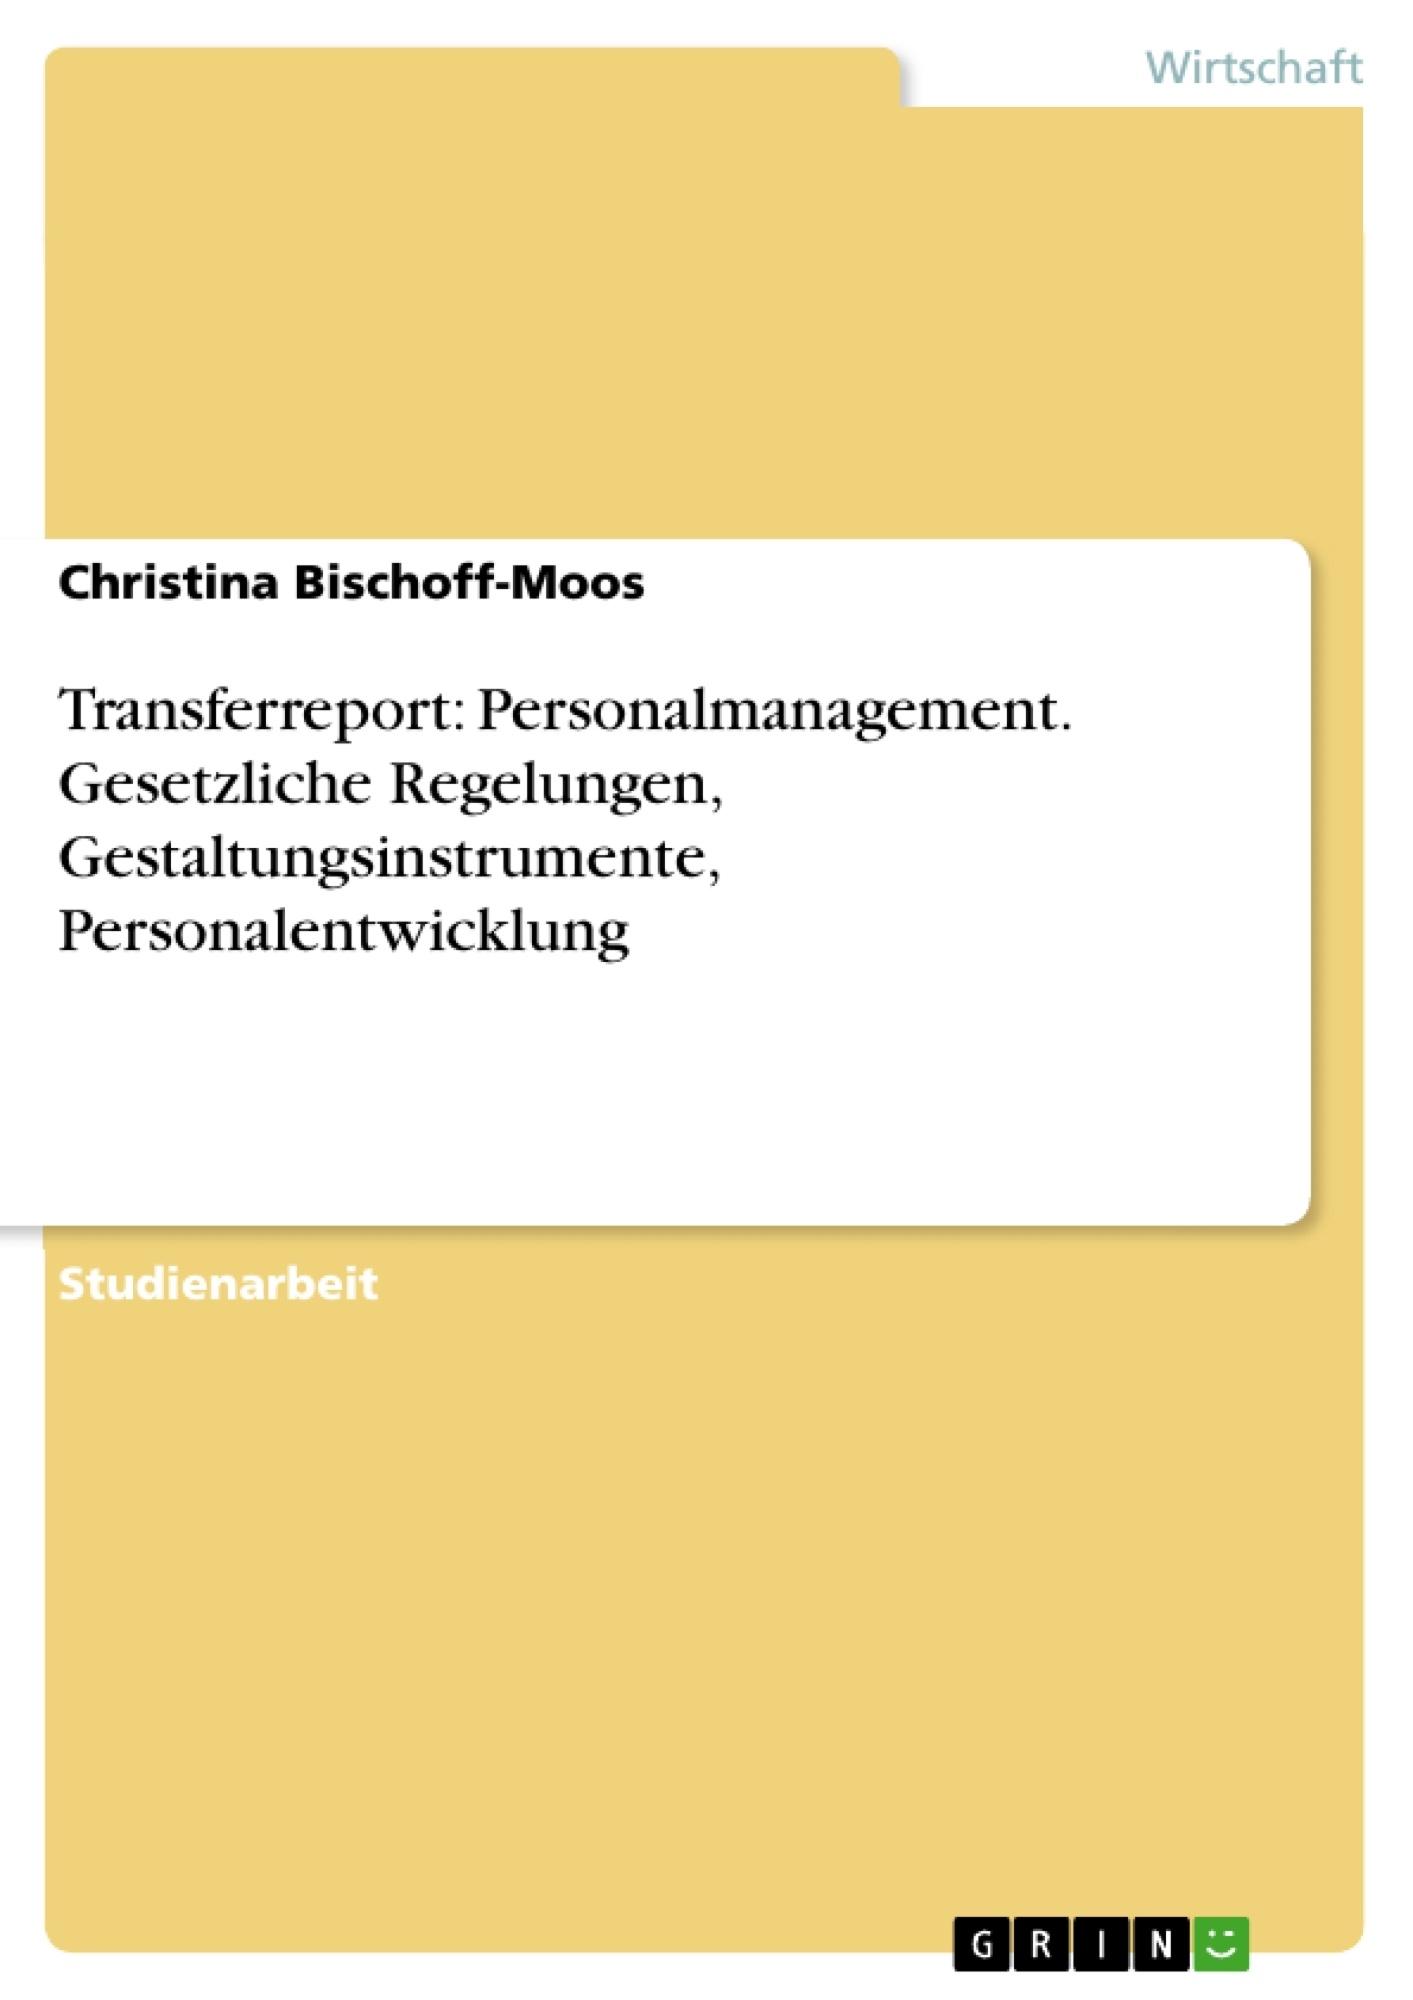 Titel: Transferreport: Personalmanagement. Gesetzliche Regelungen, Gestaltungsinstrumente, Personalentwicklung